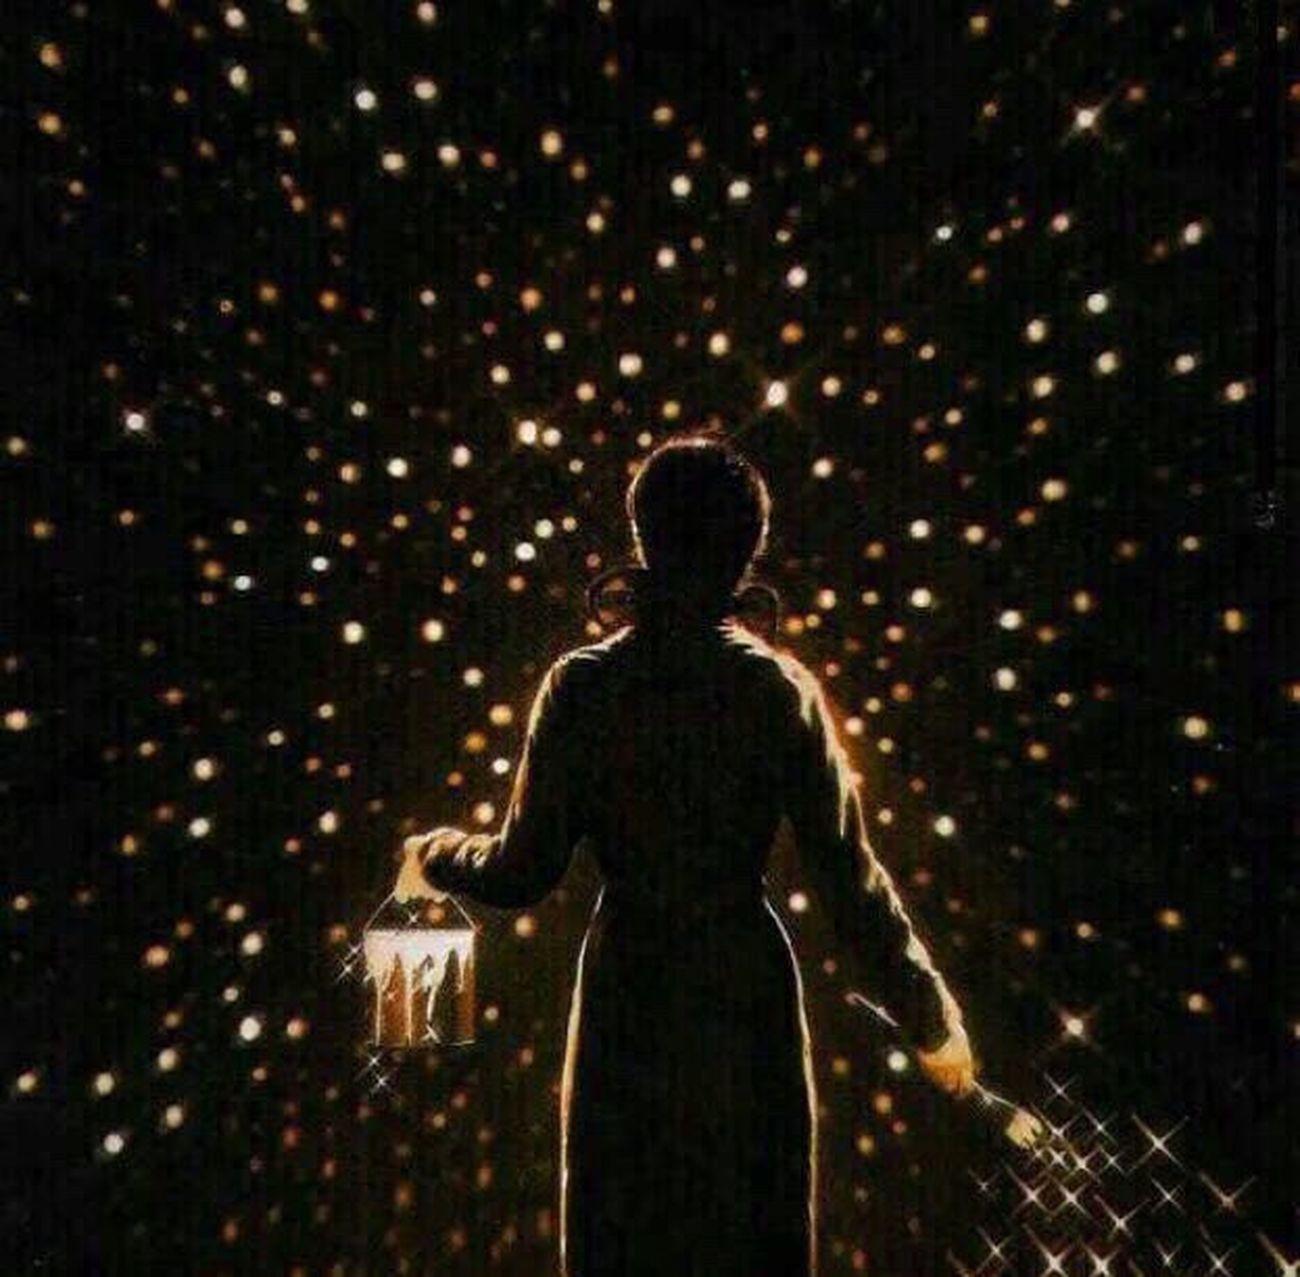 لا يمكنك أن ترى النجوم إلا في الظلام كذلك هم بعض الأشخاص في حياتنا لا يظهر معدنهم إلا وقت الشده۪̜۫ تصميمي التعليق يهمني اكثر من الايك